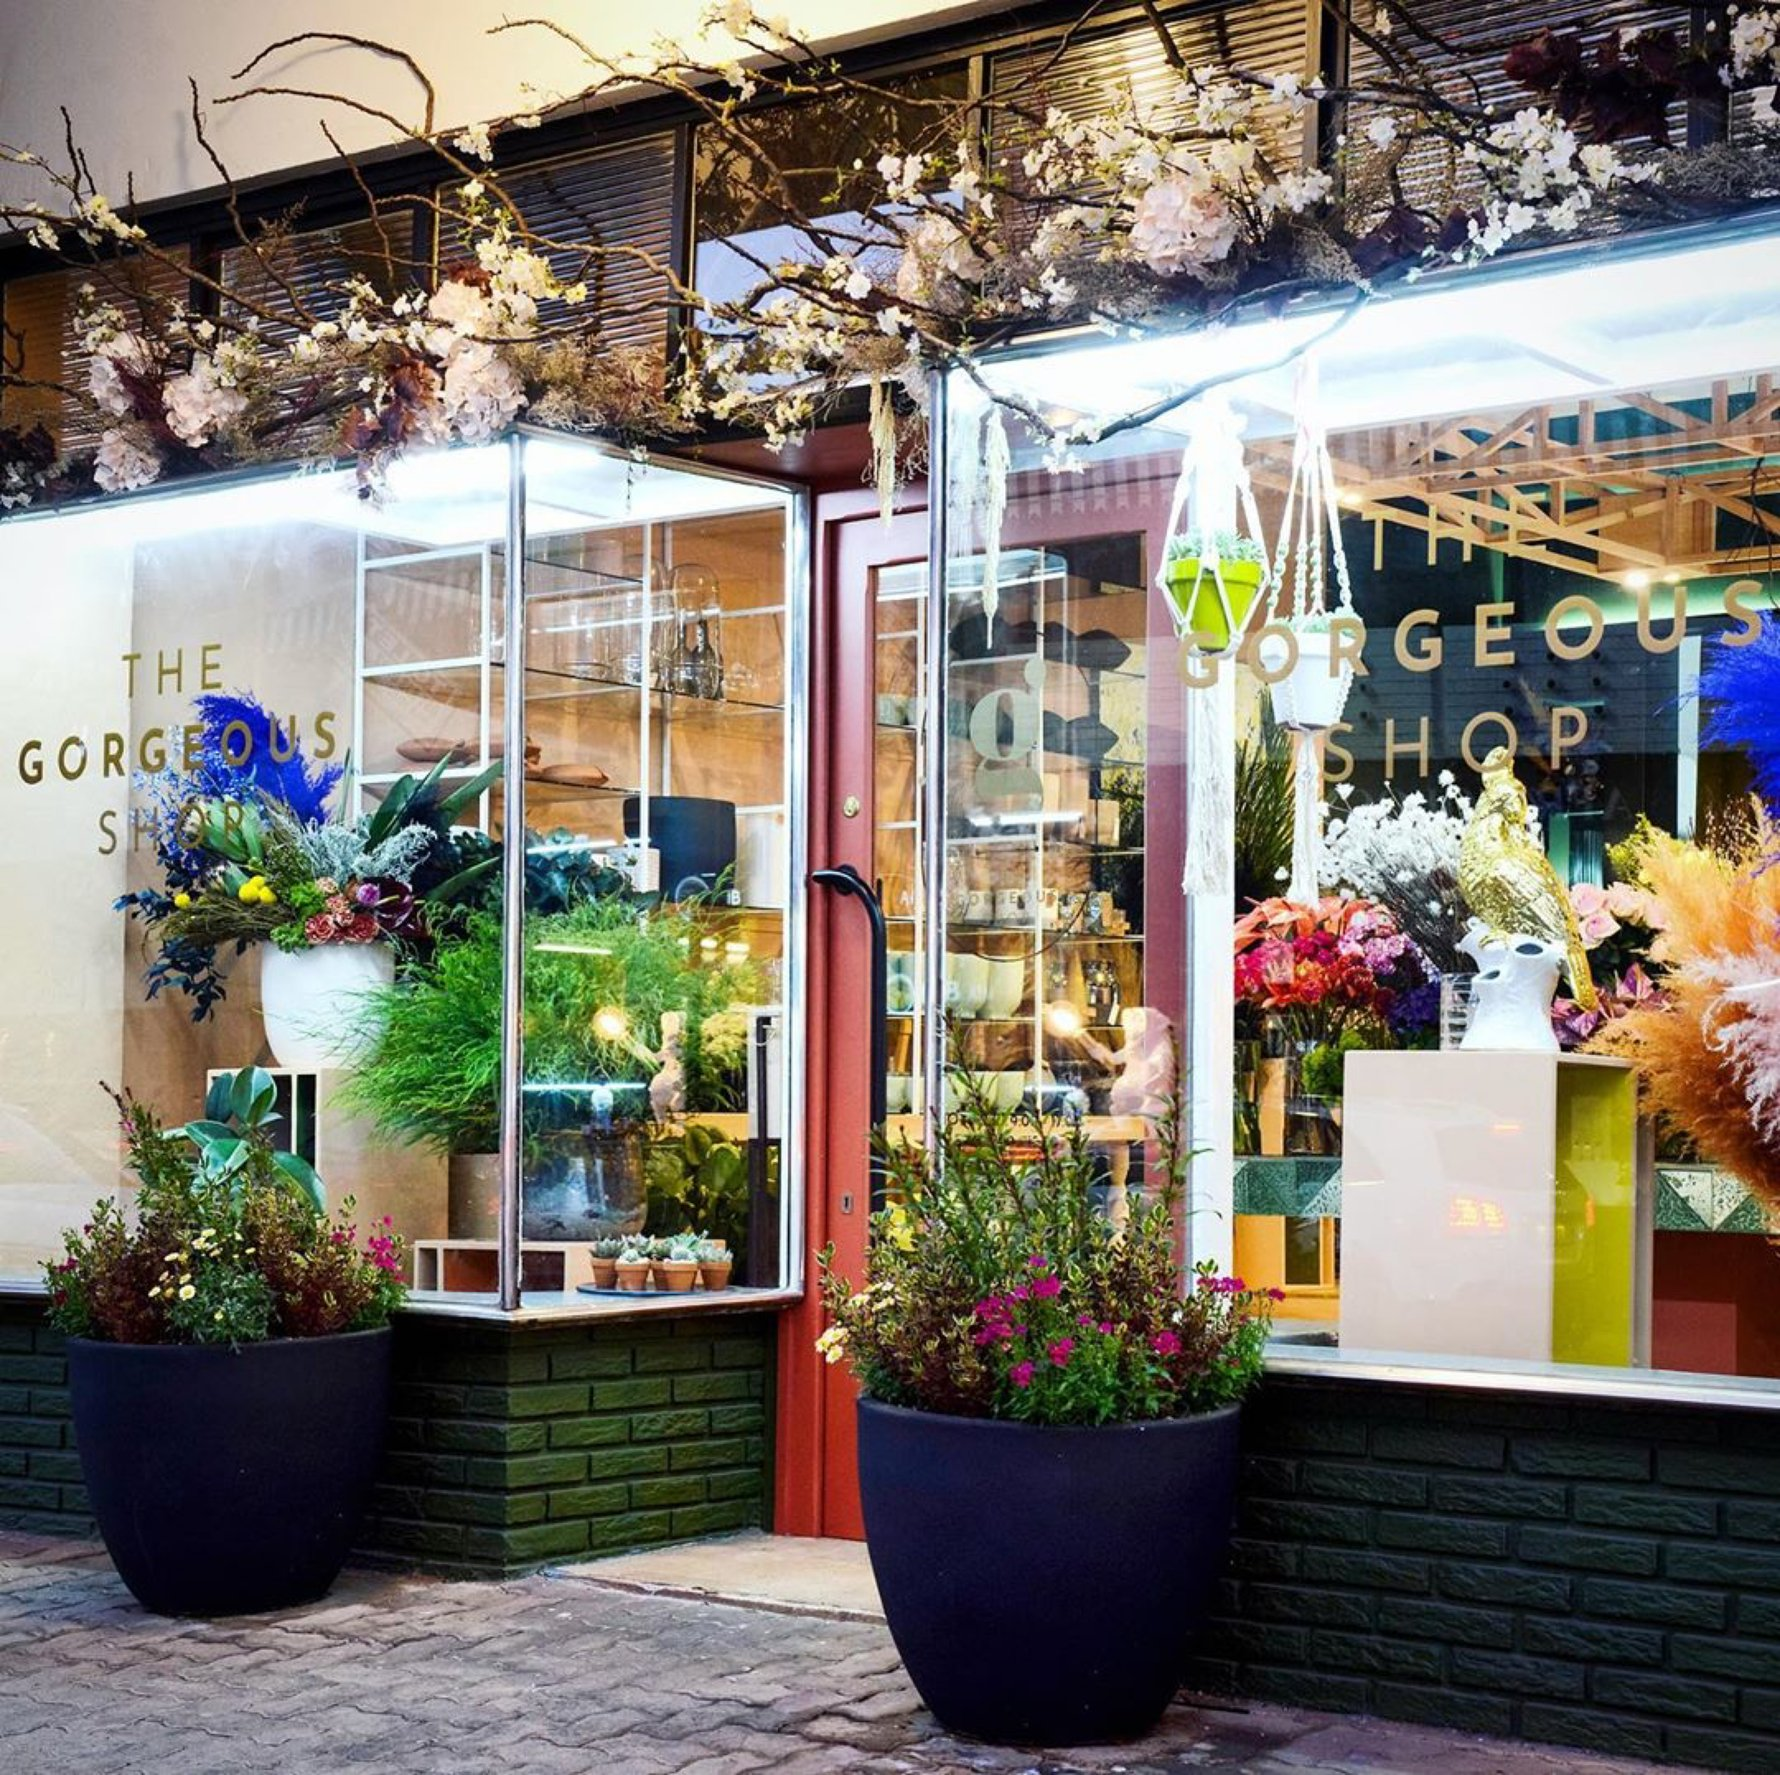 Gorgeous Shop, Parkhurst